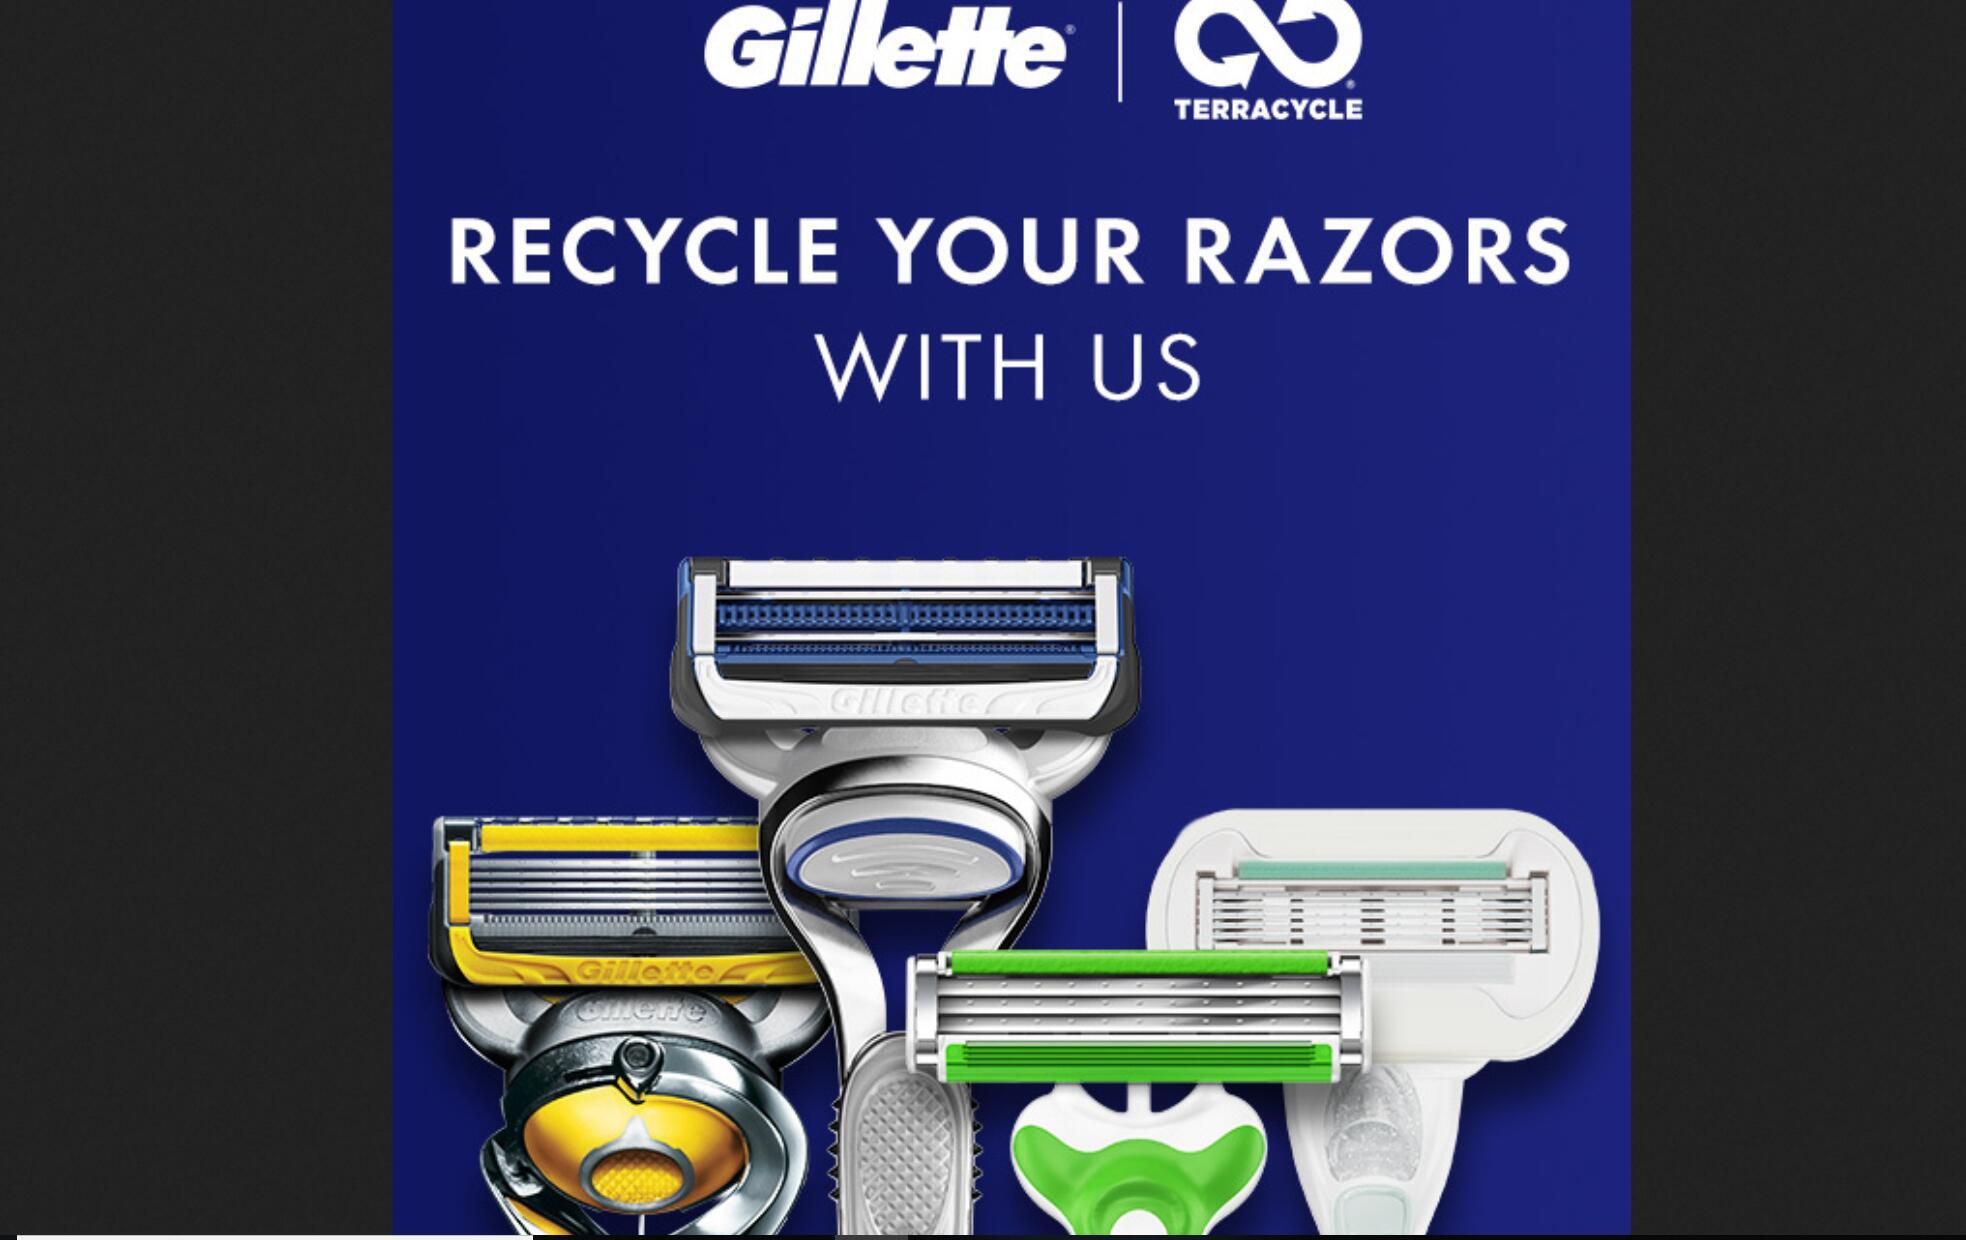 吉列联手创新废品回收公司,将在加拿大全面部署剃须产品回收计划